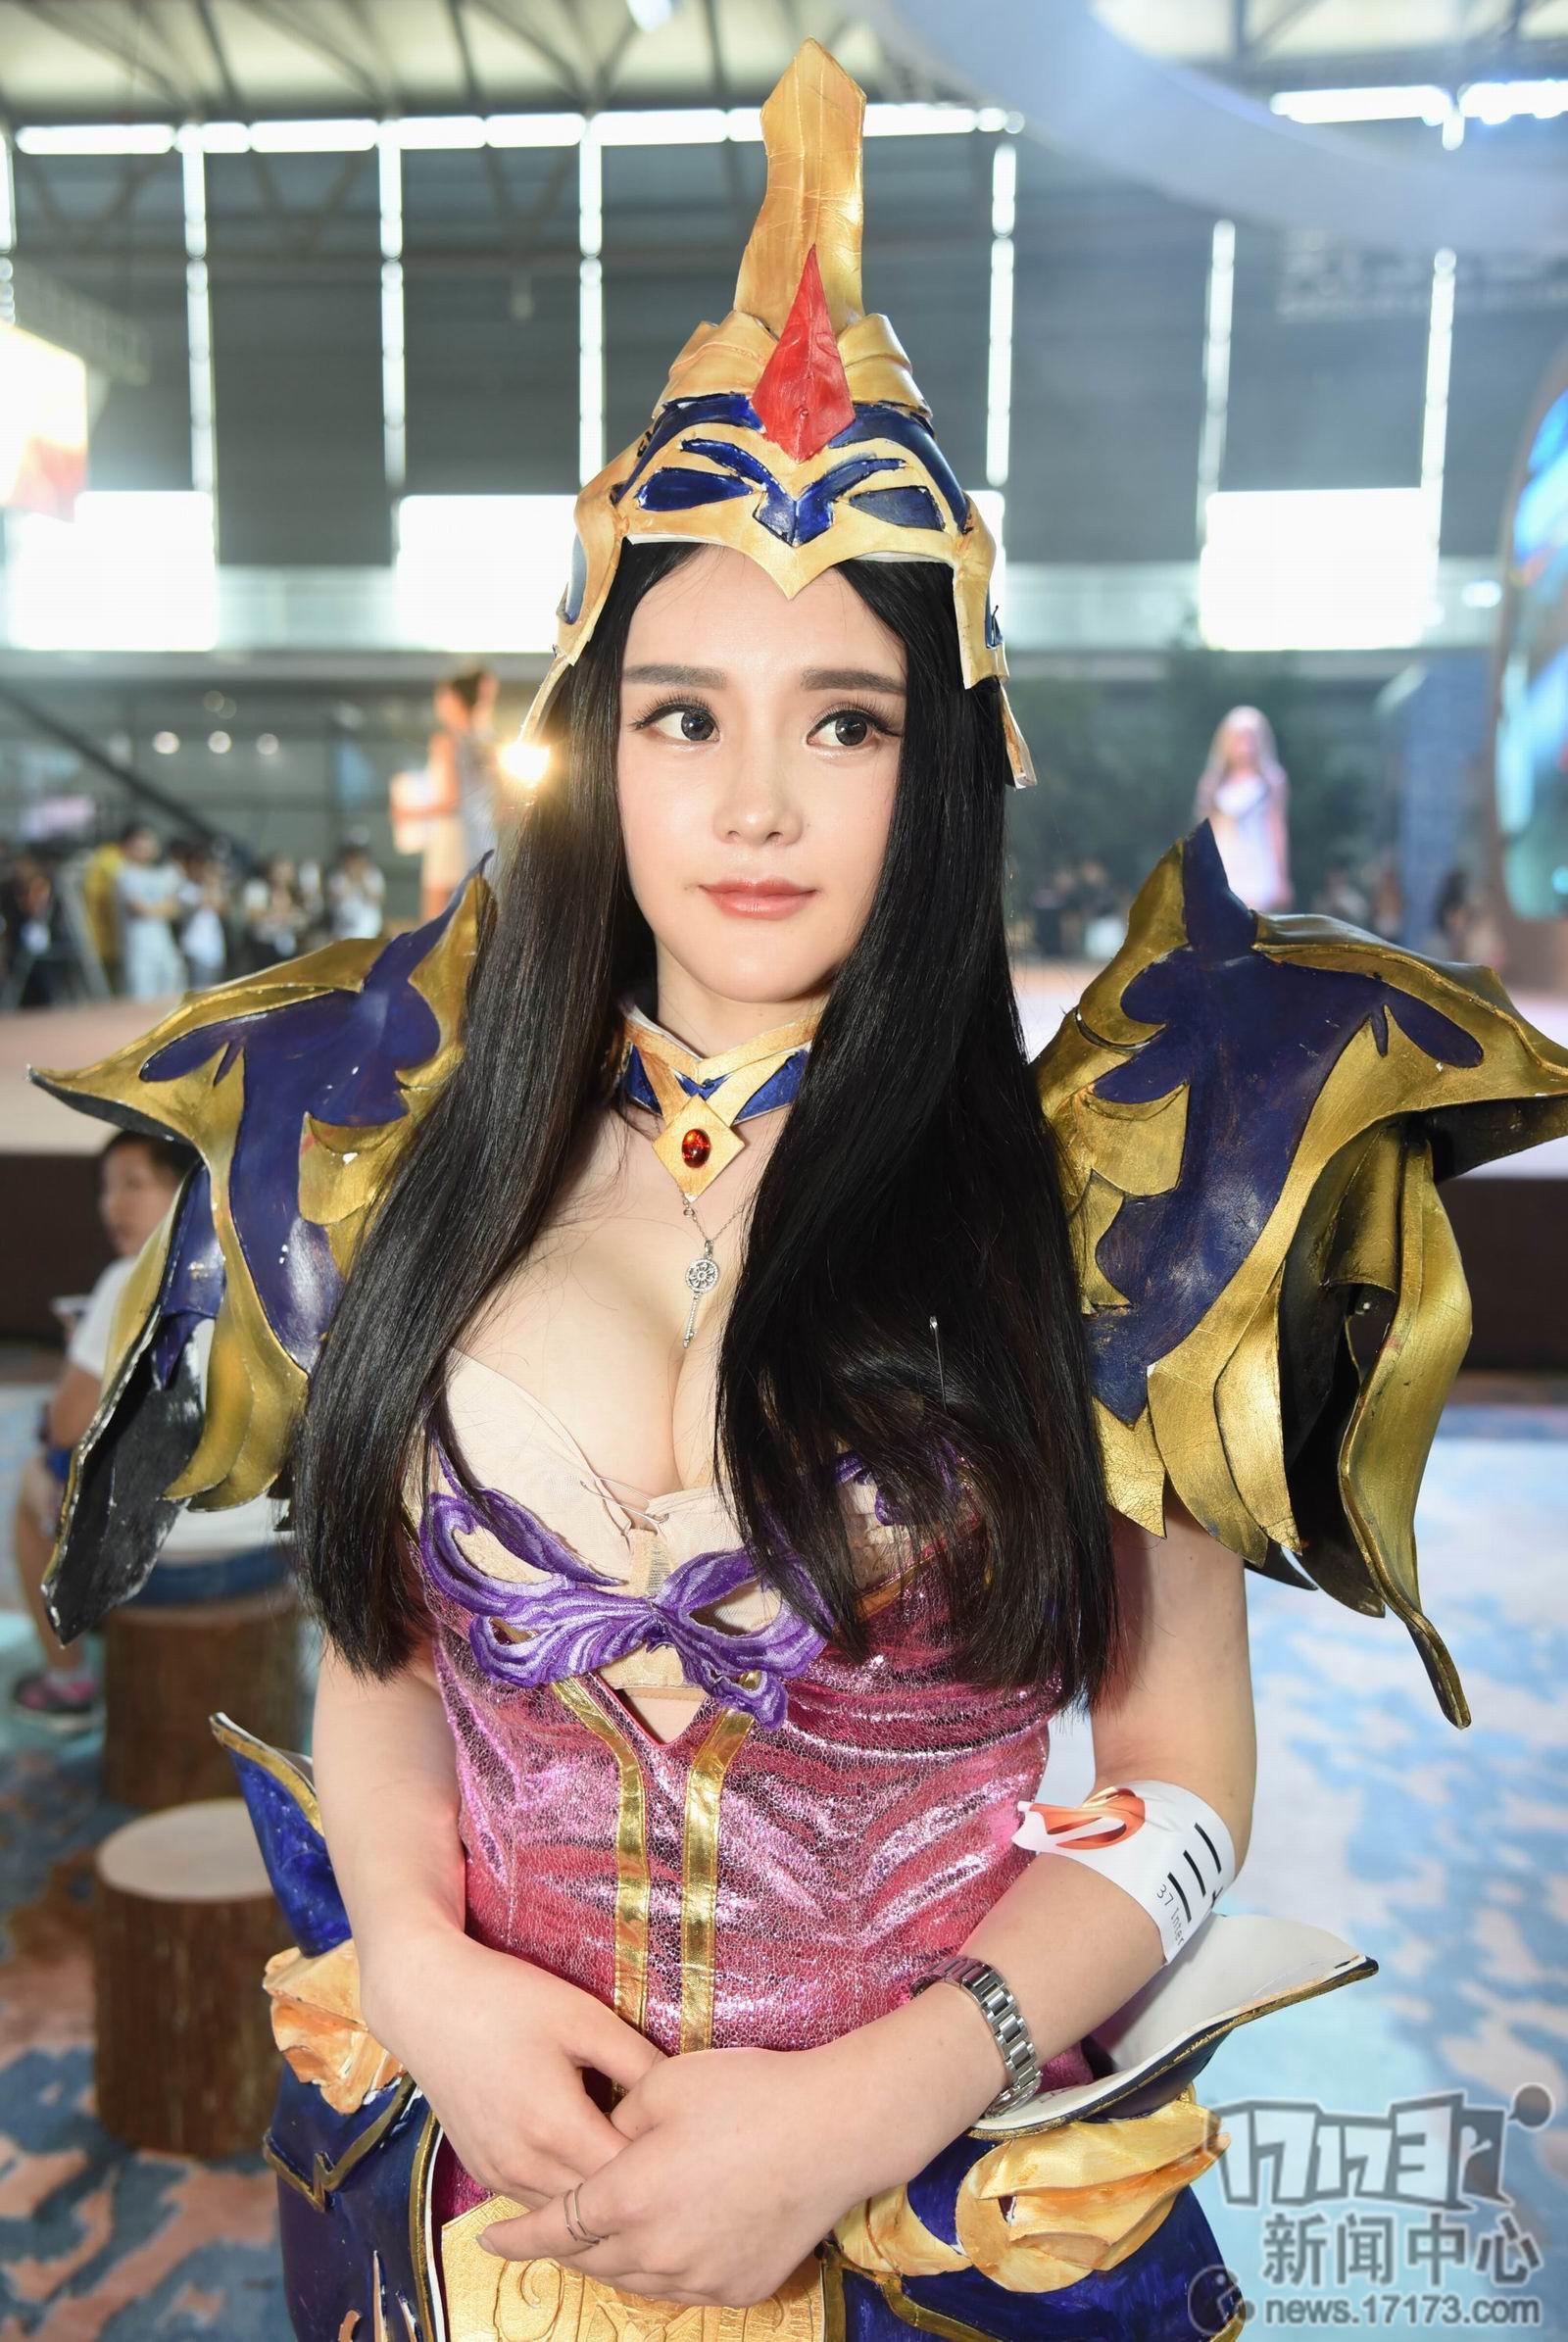 Chiêm ngưỡng loạt showgirl cực quyến rũ tại ChinaJoy 2016 - Ảnh _65